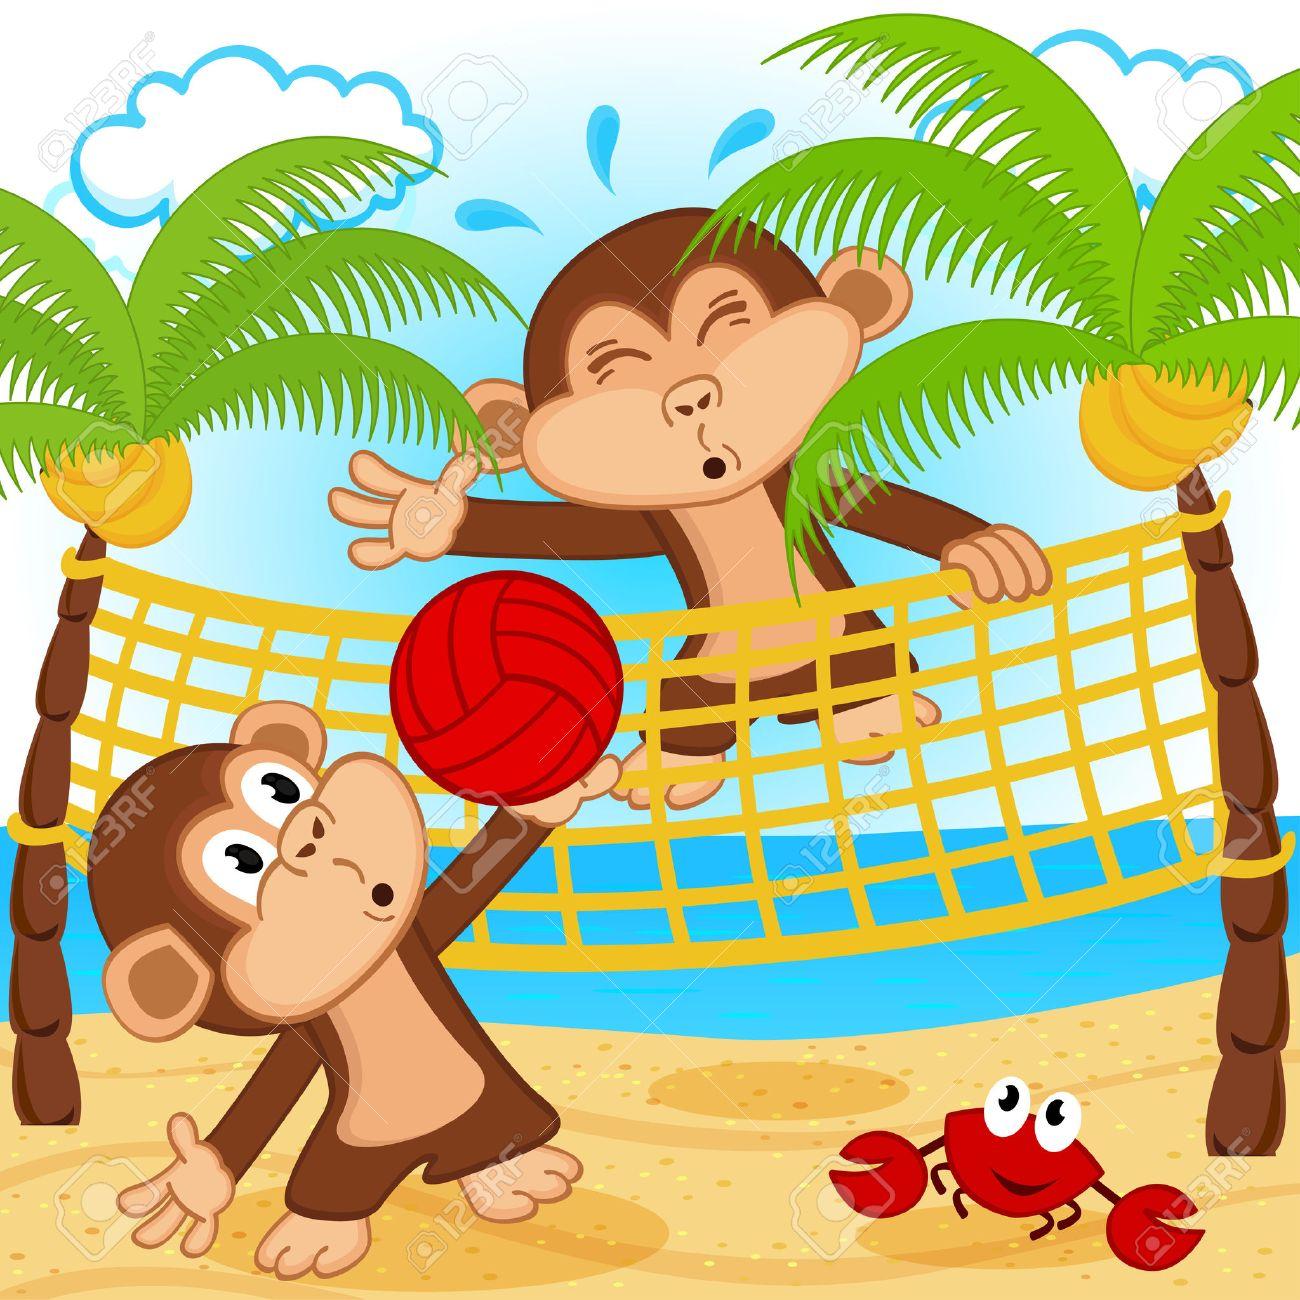 Affen spielen im Beach-Volleyball - Vektor-Illustration Standard-Bild - 27144237